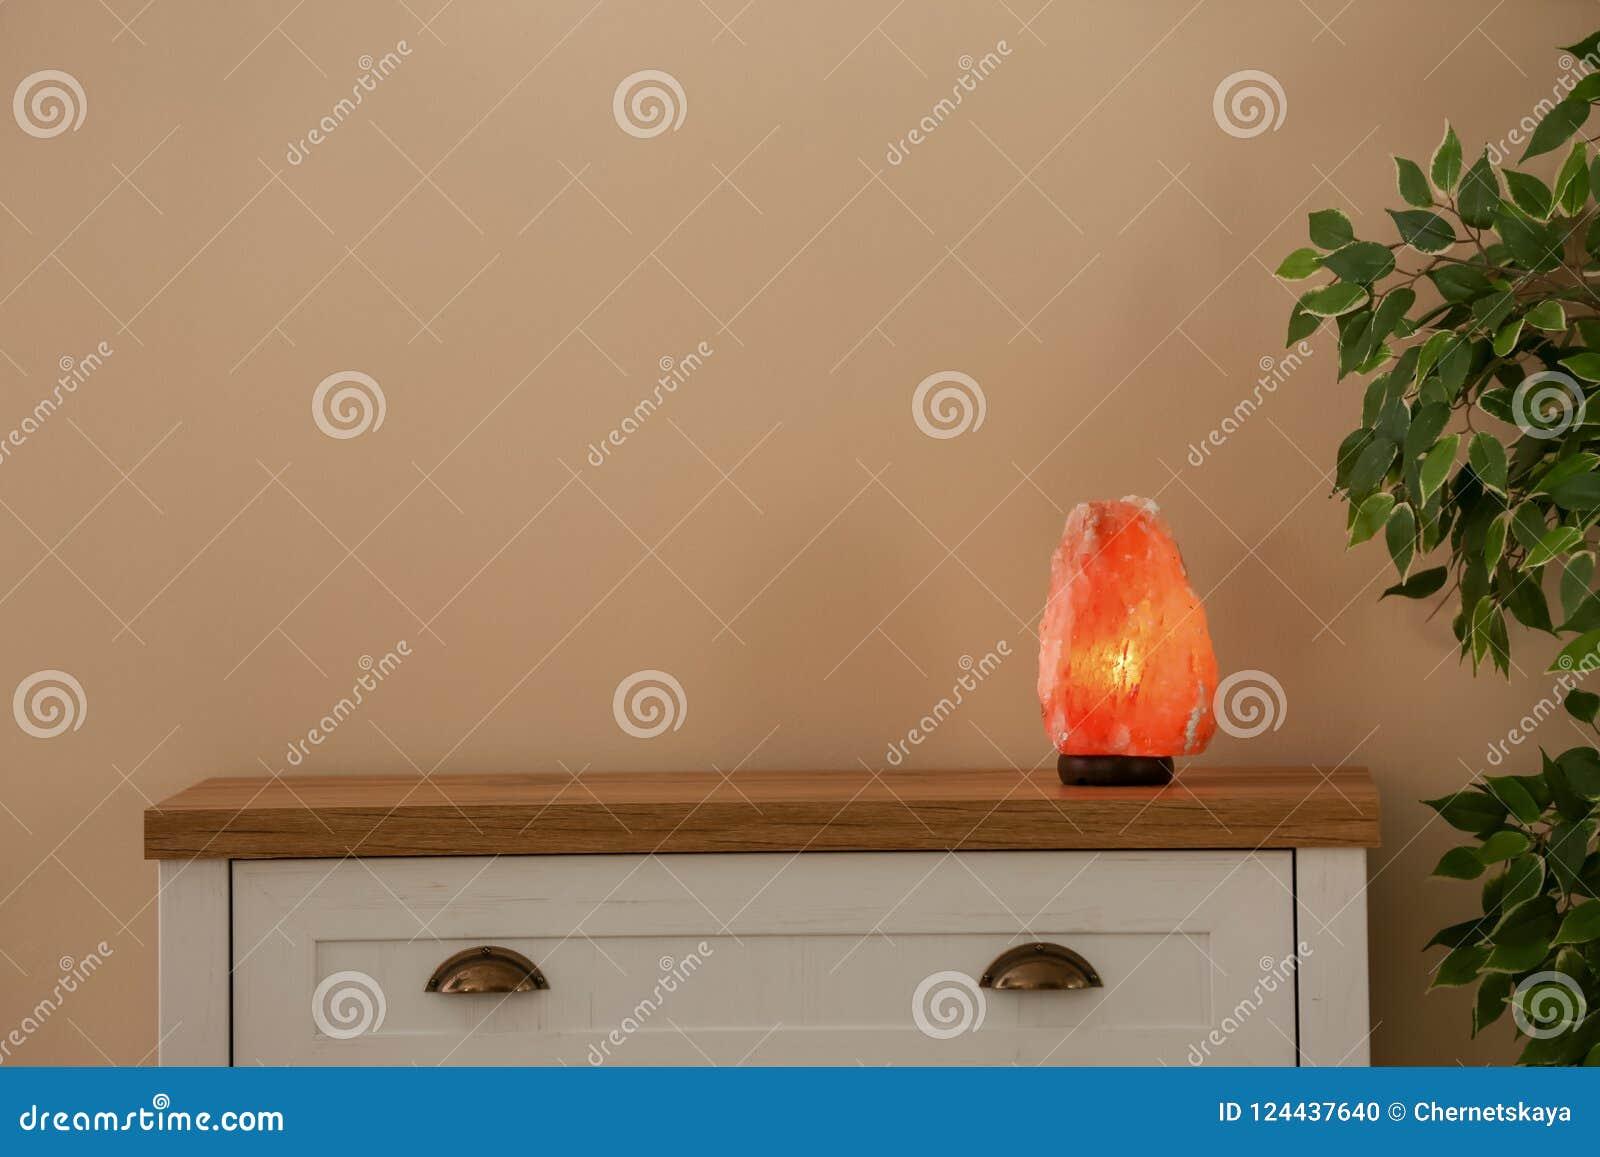 Himalayan salt lampa på kabinettet